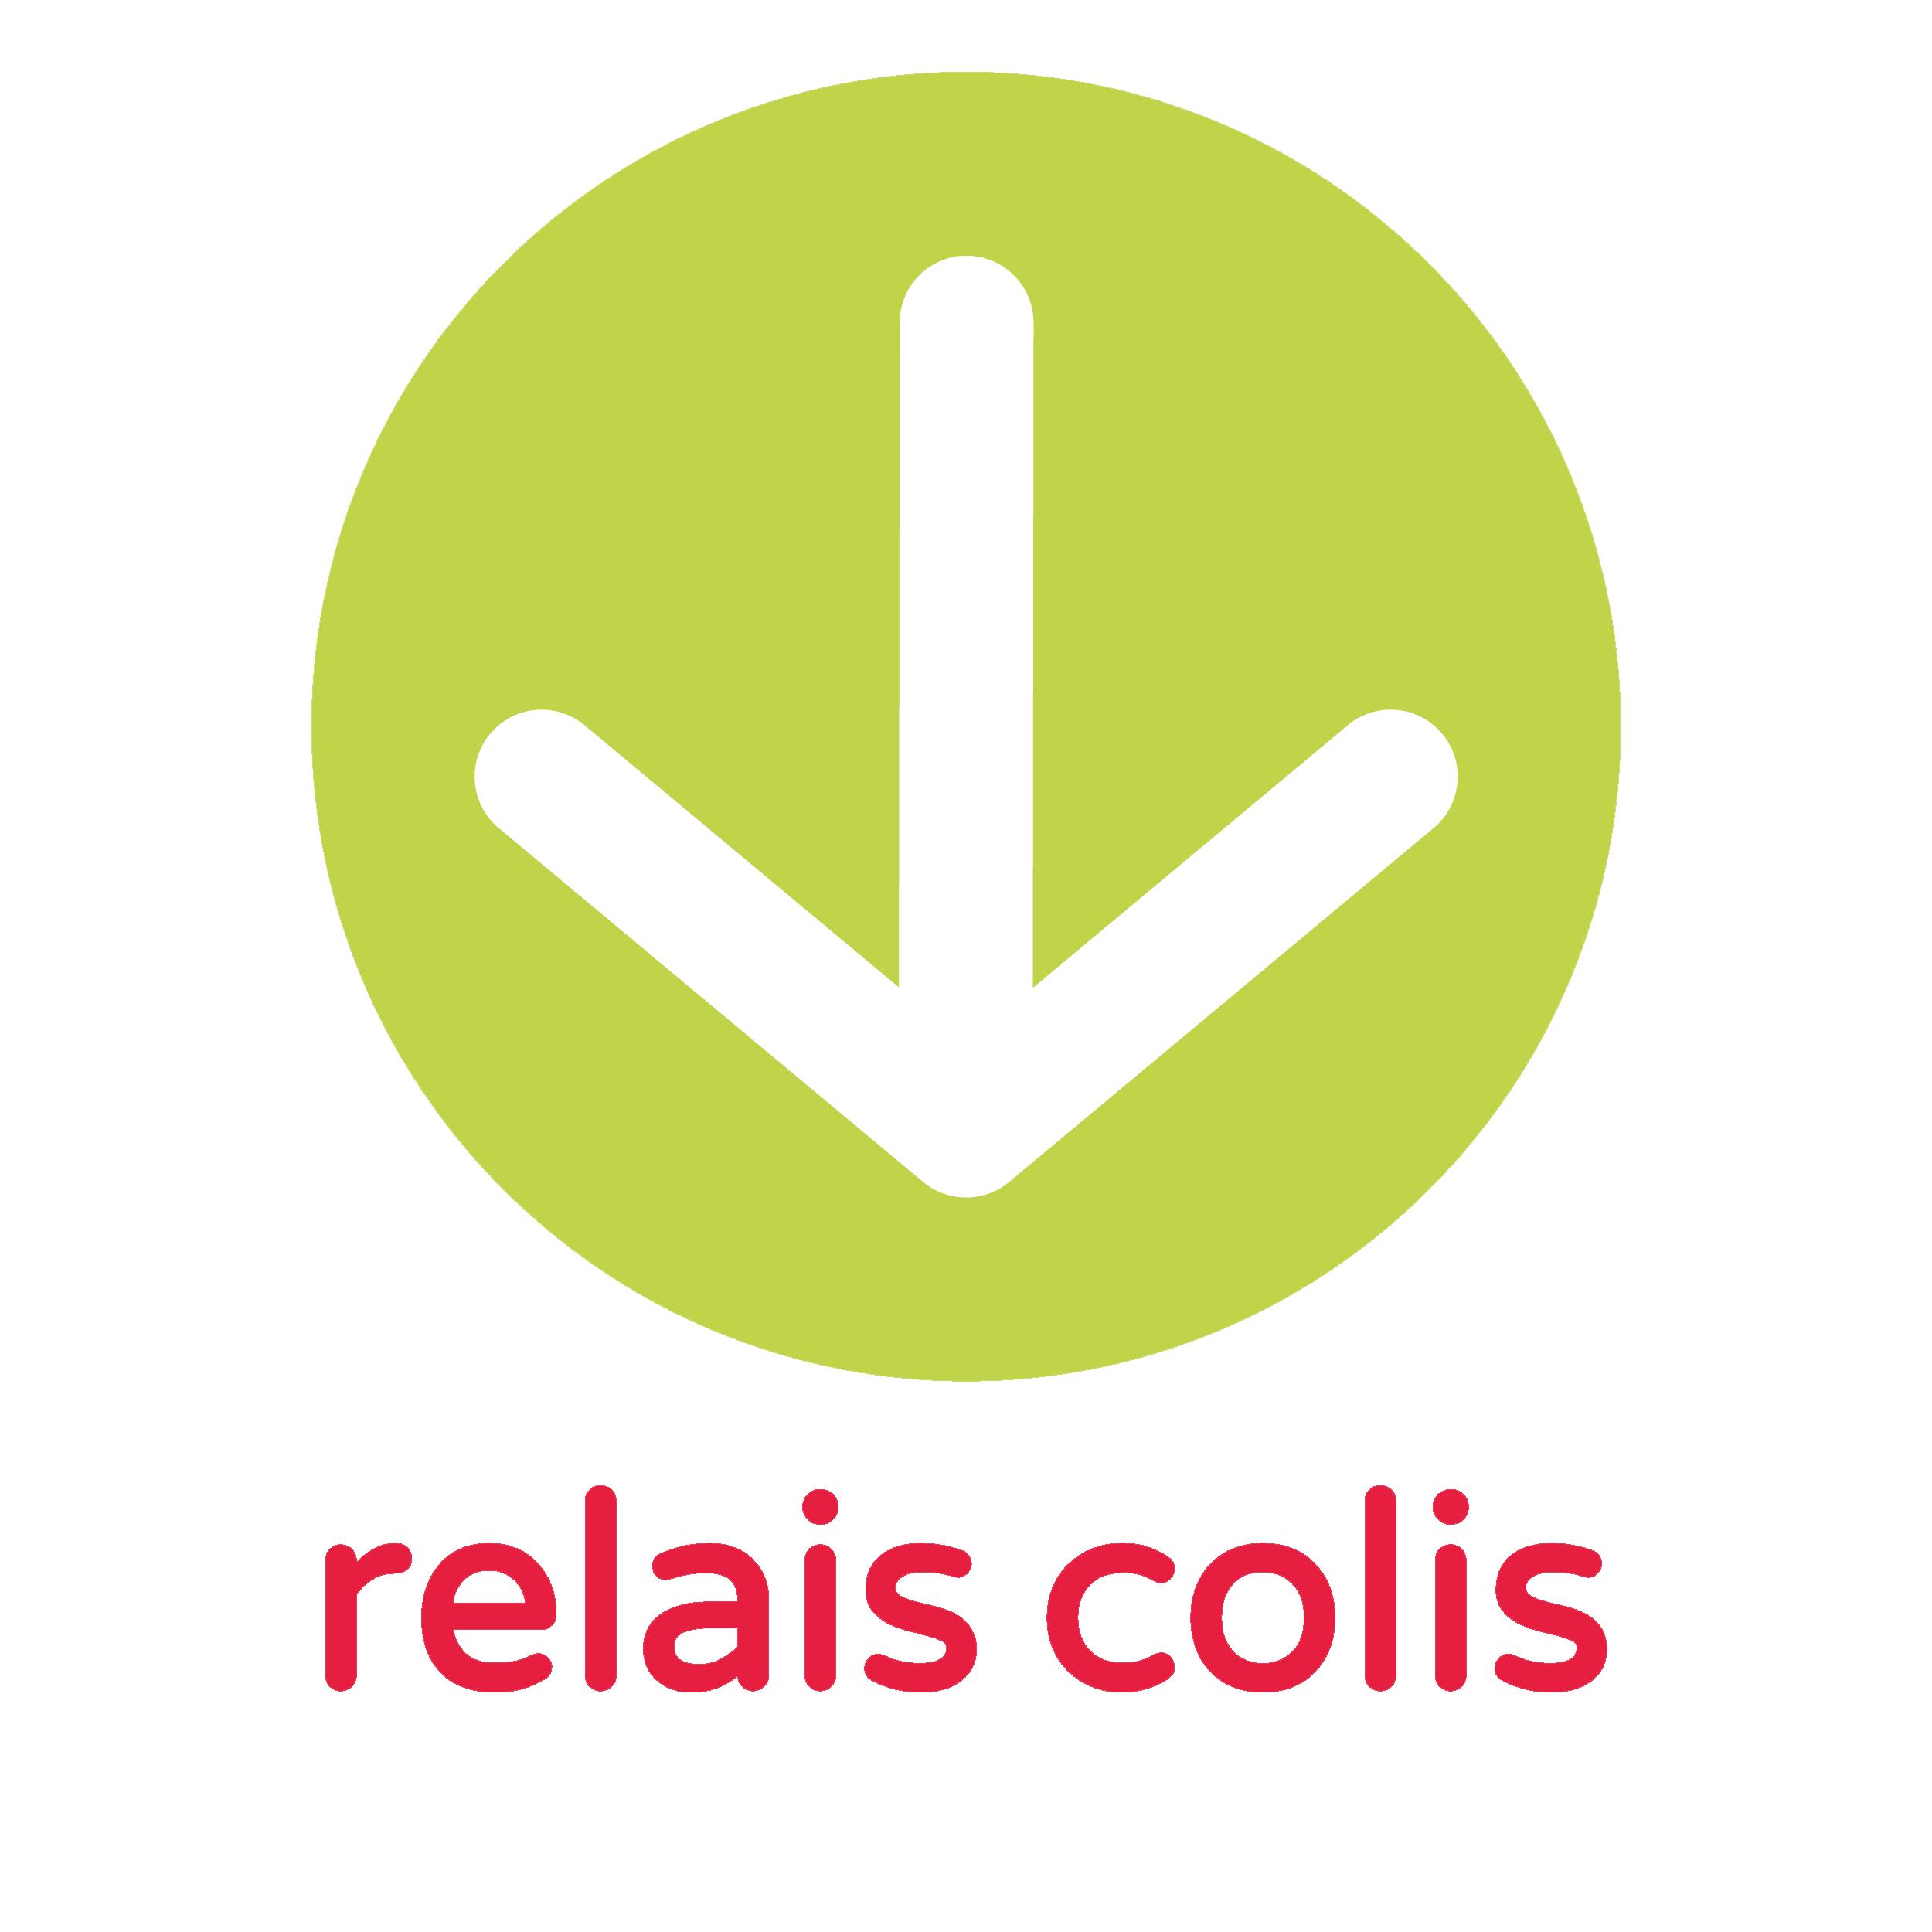 Envoi de 3 colis via Relais Colis (maximum 5 kg chacun - envoi jusqu'au 29 Février 2020)